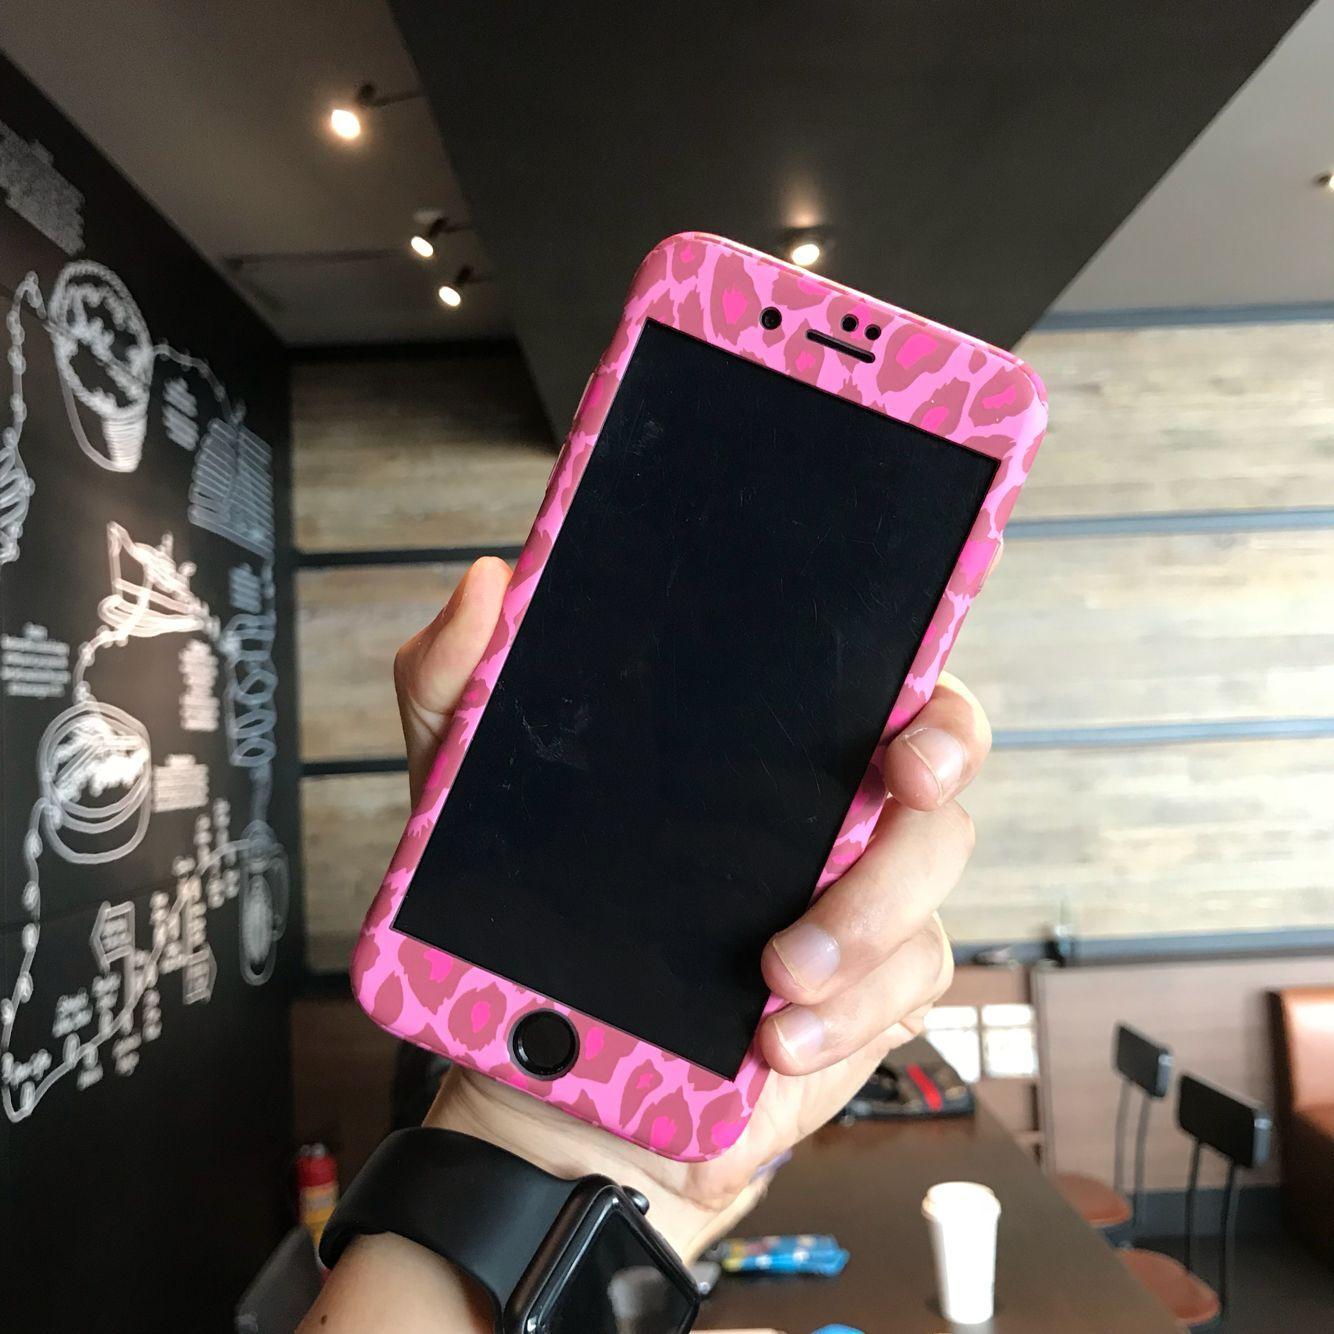 前后全包粉红豹纹苹果7plus手机壳女款骚气iPhone6s 8plus防摔壳